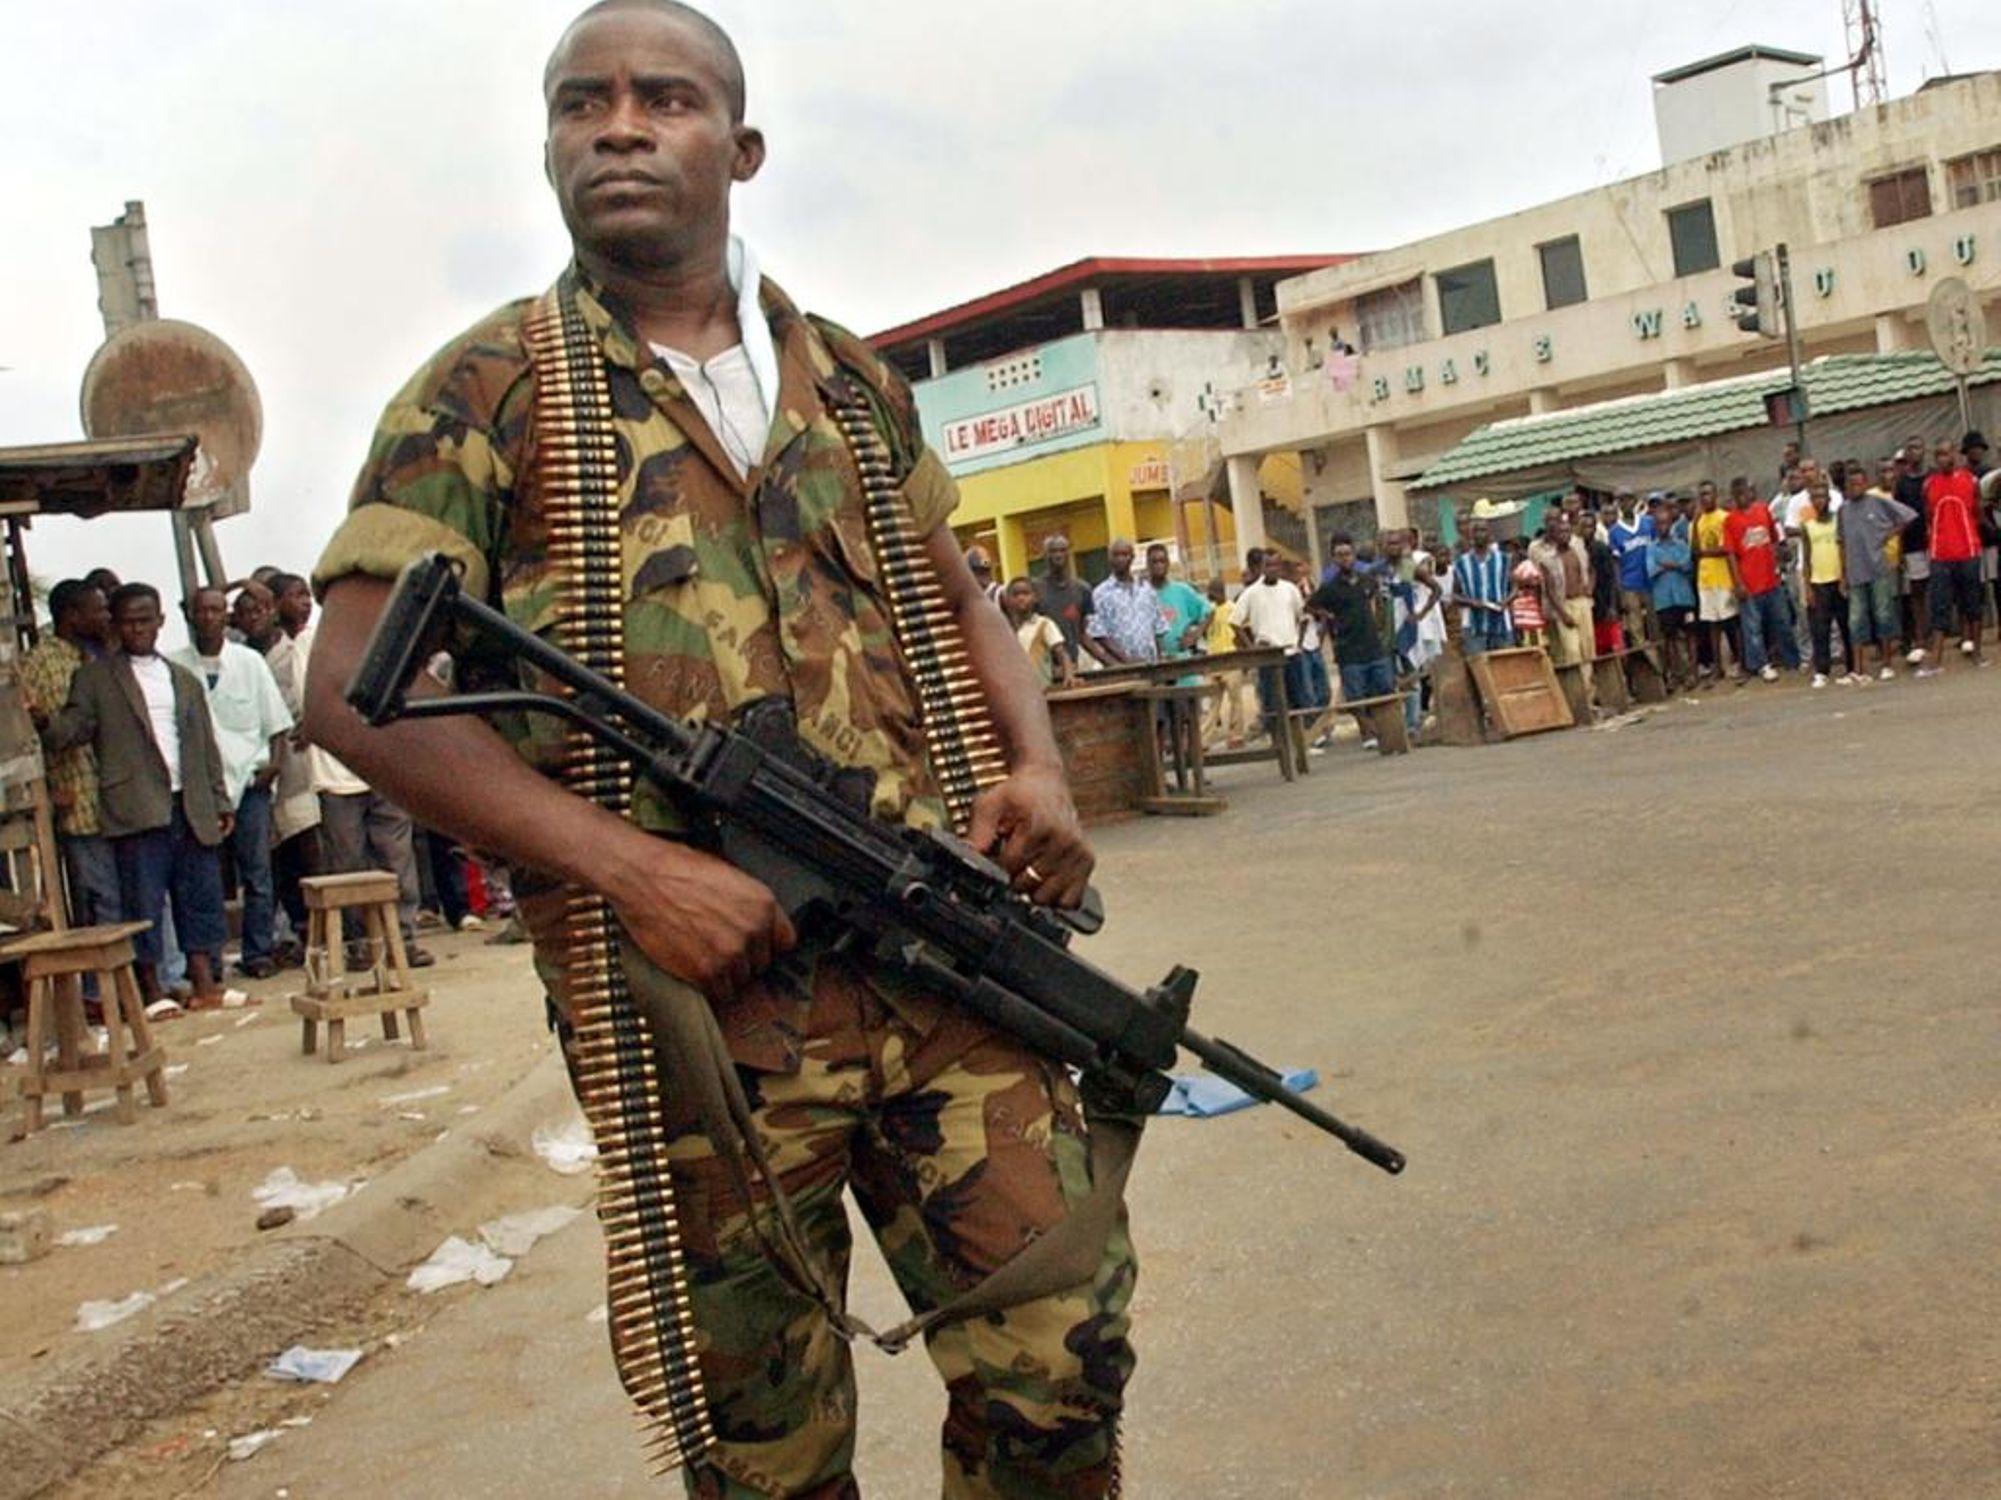 Attaque djihadiste,cote d'Ivoire,Burkina Faso